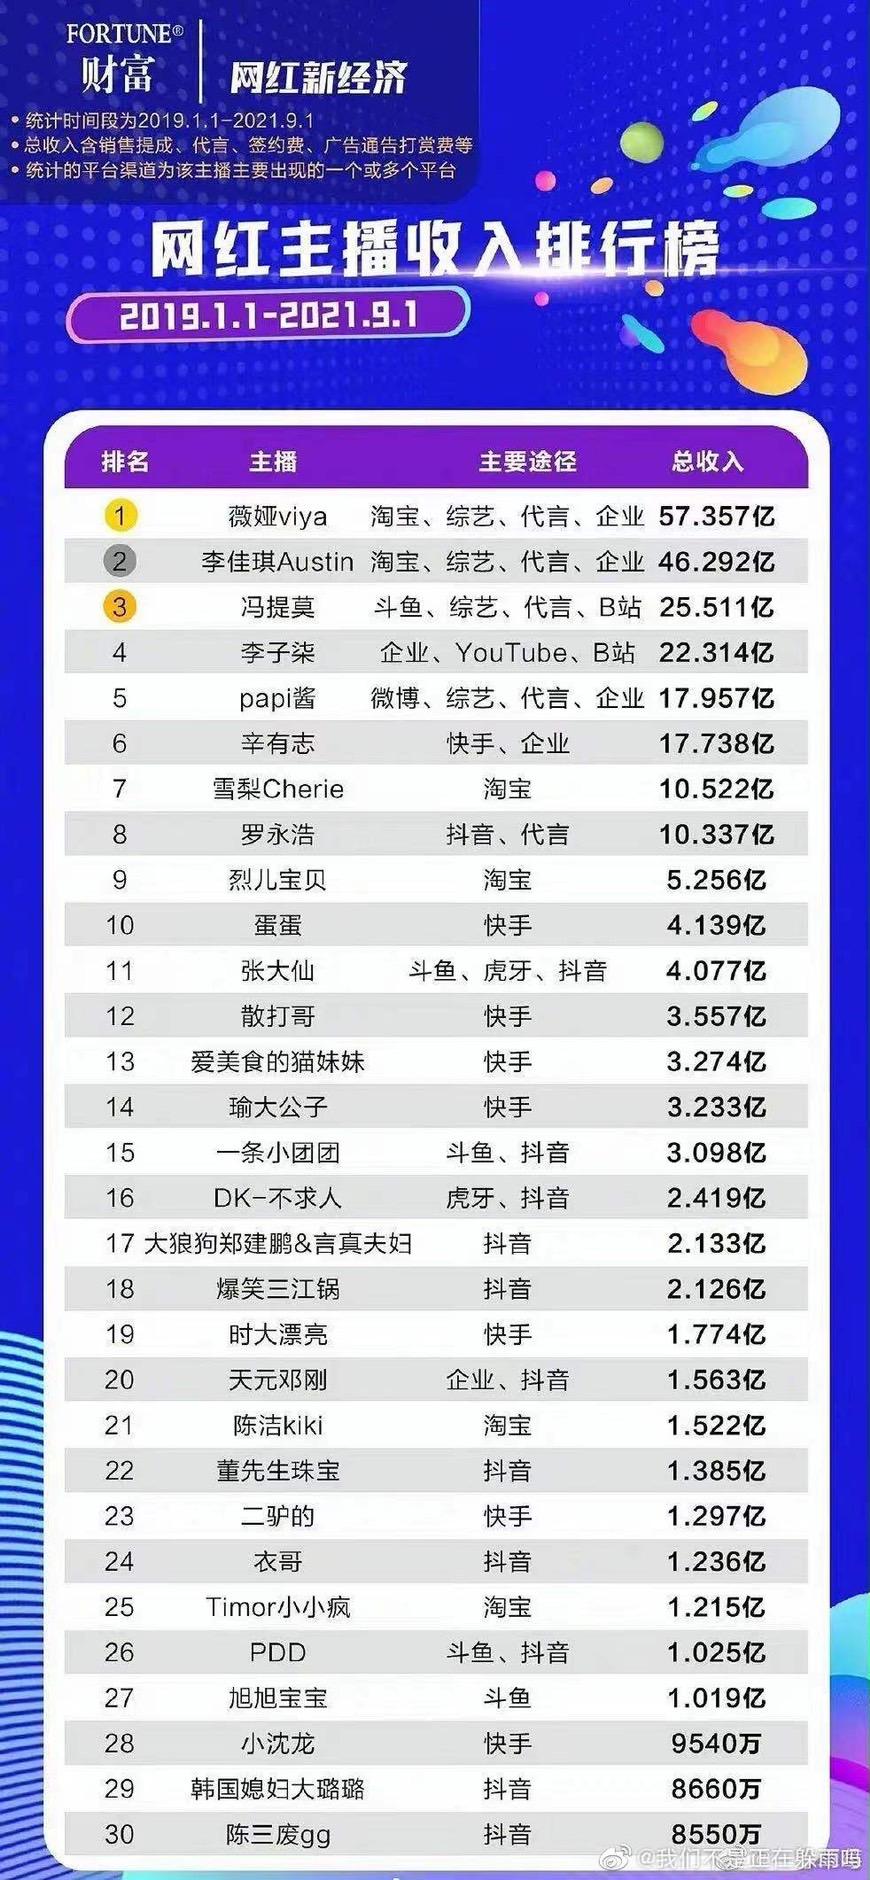 網紅TOP30收入排行榜出爐!馮提莫、李子柒不是第一 驚人數字看傻網